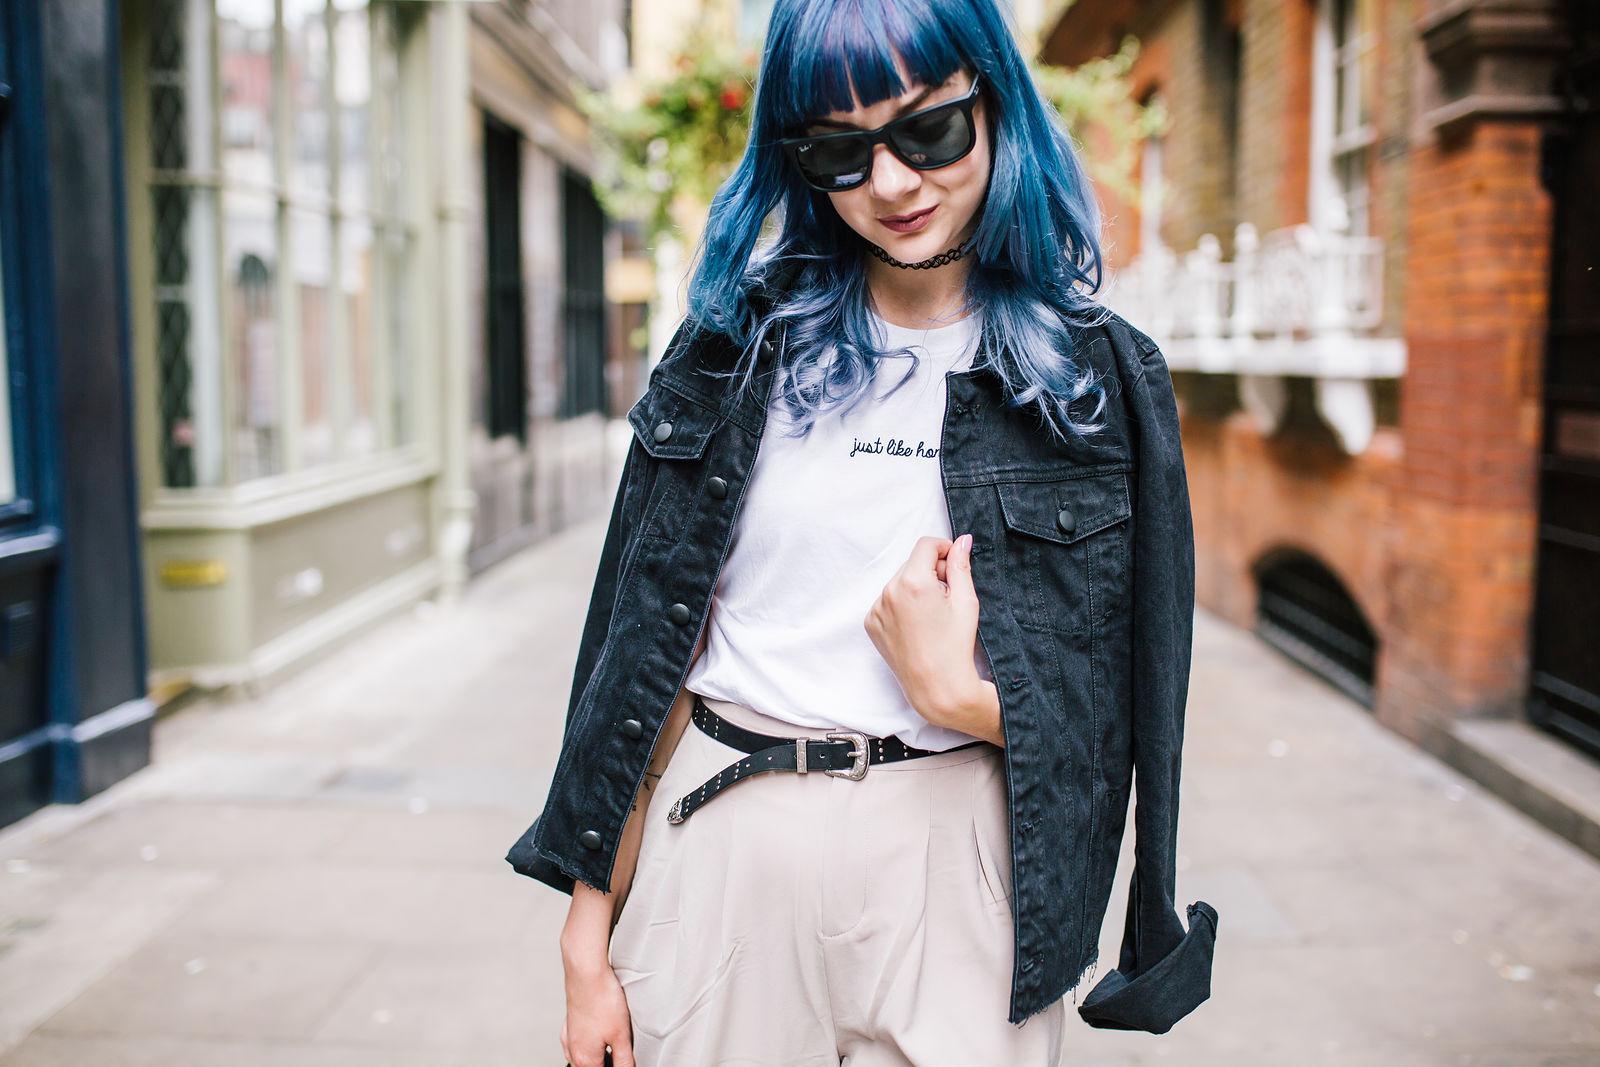 Zoe London